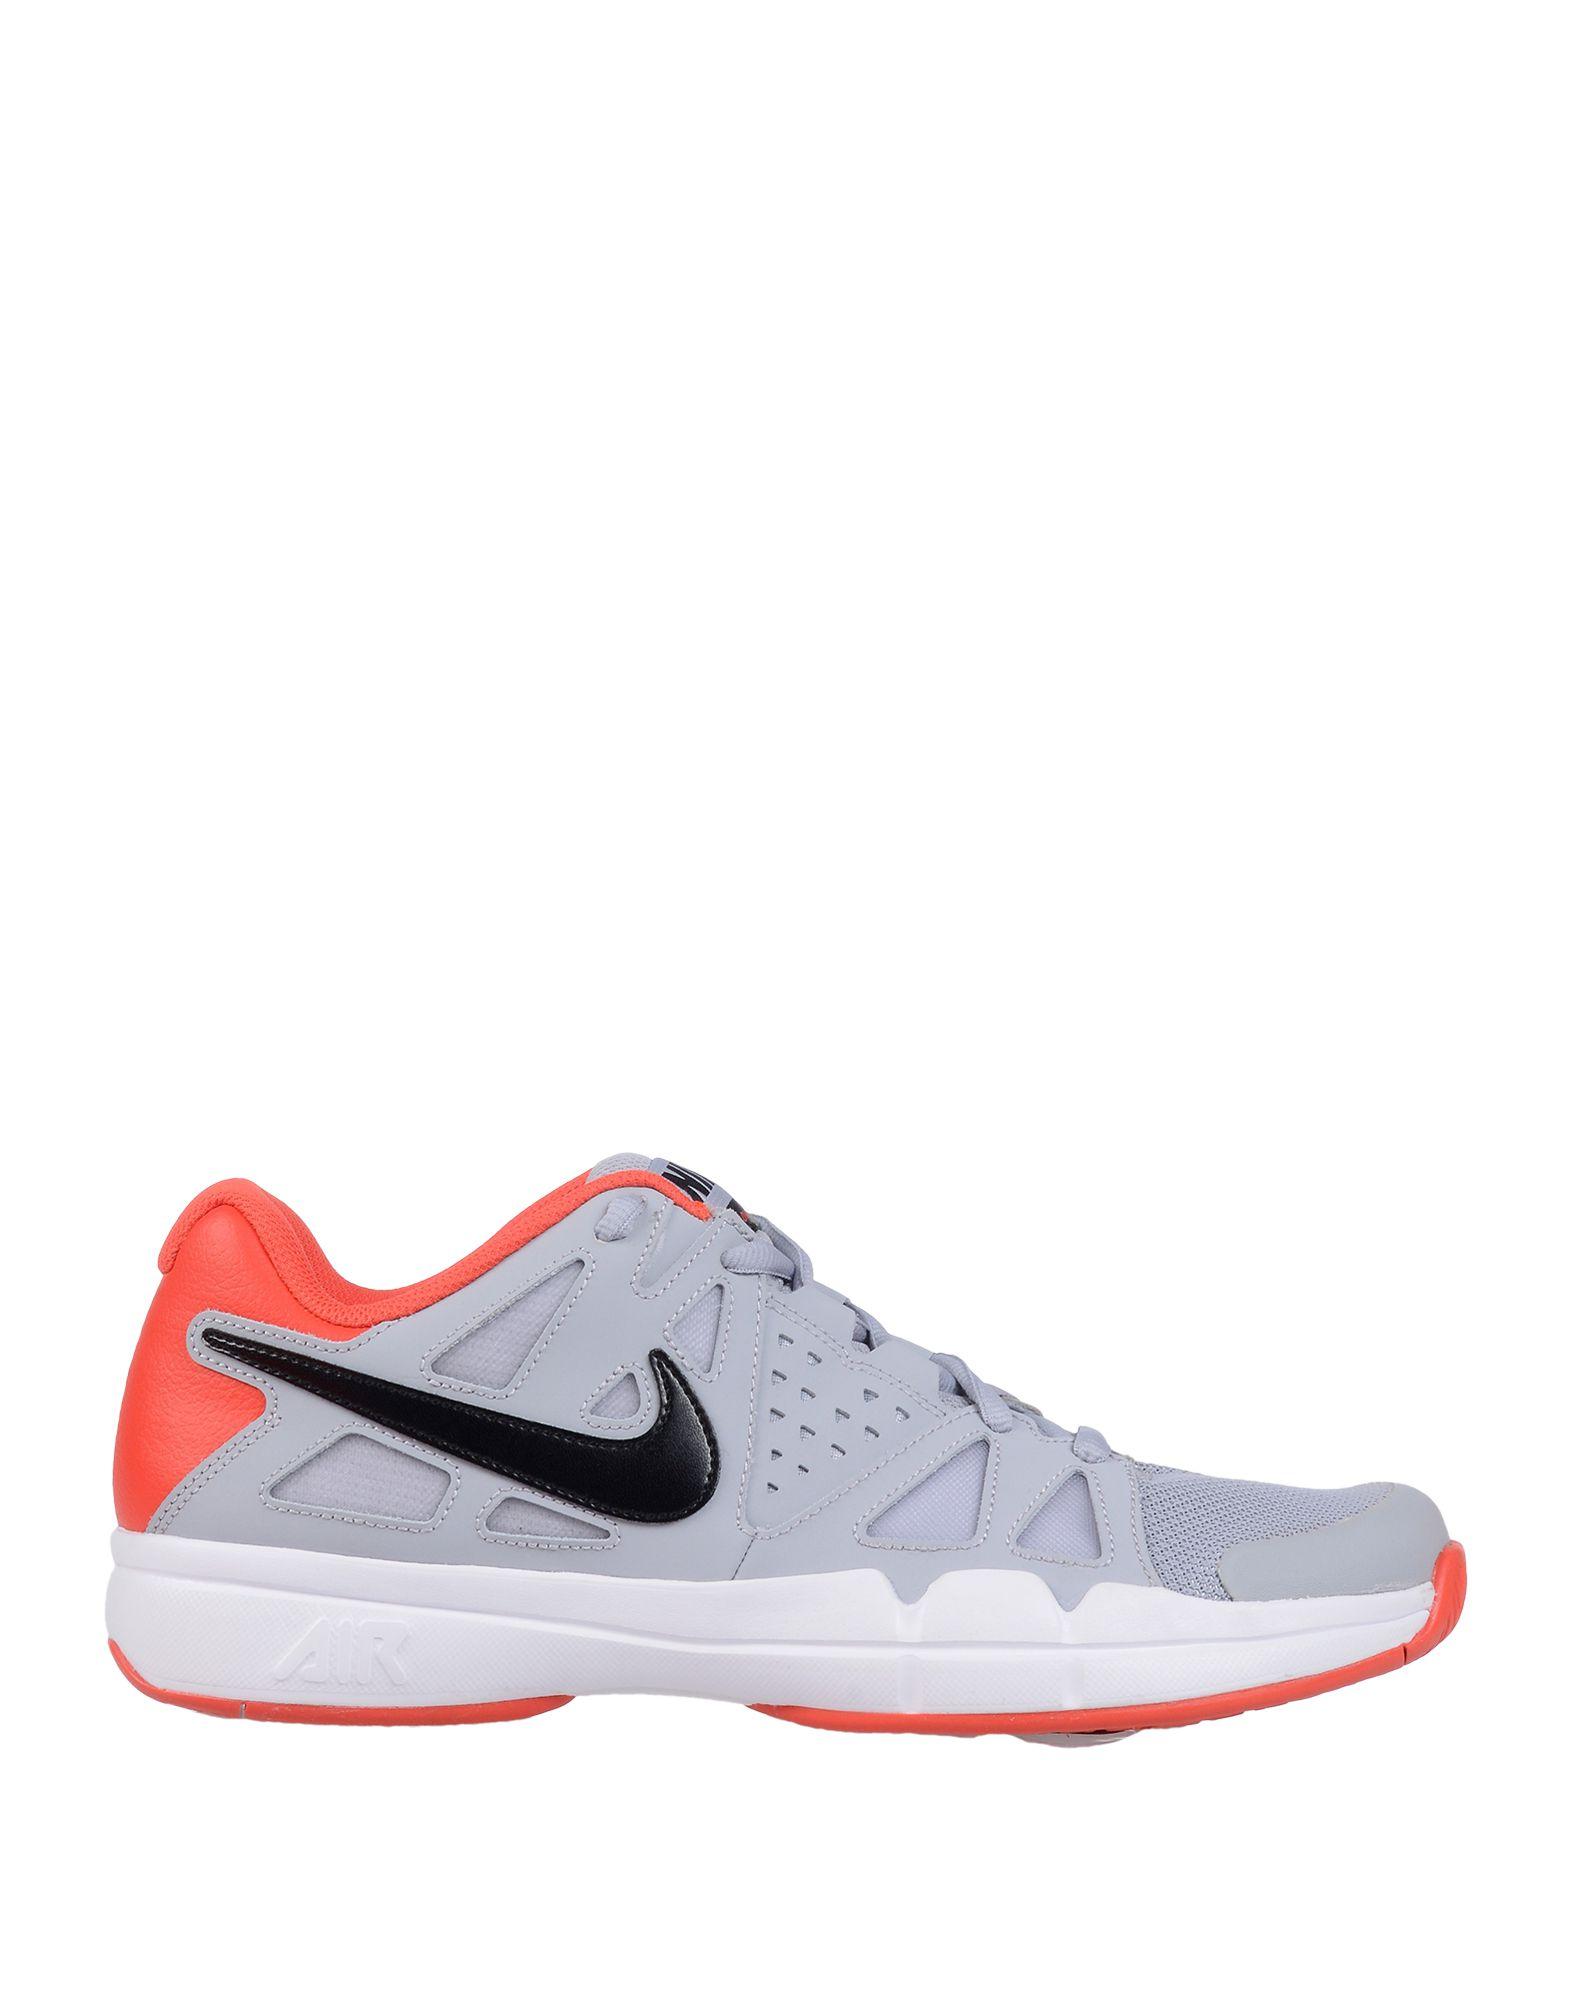 Scarpe Ginnastica da Ginnastica Scarpe Nike Uomo - 11507627IE df6dfe